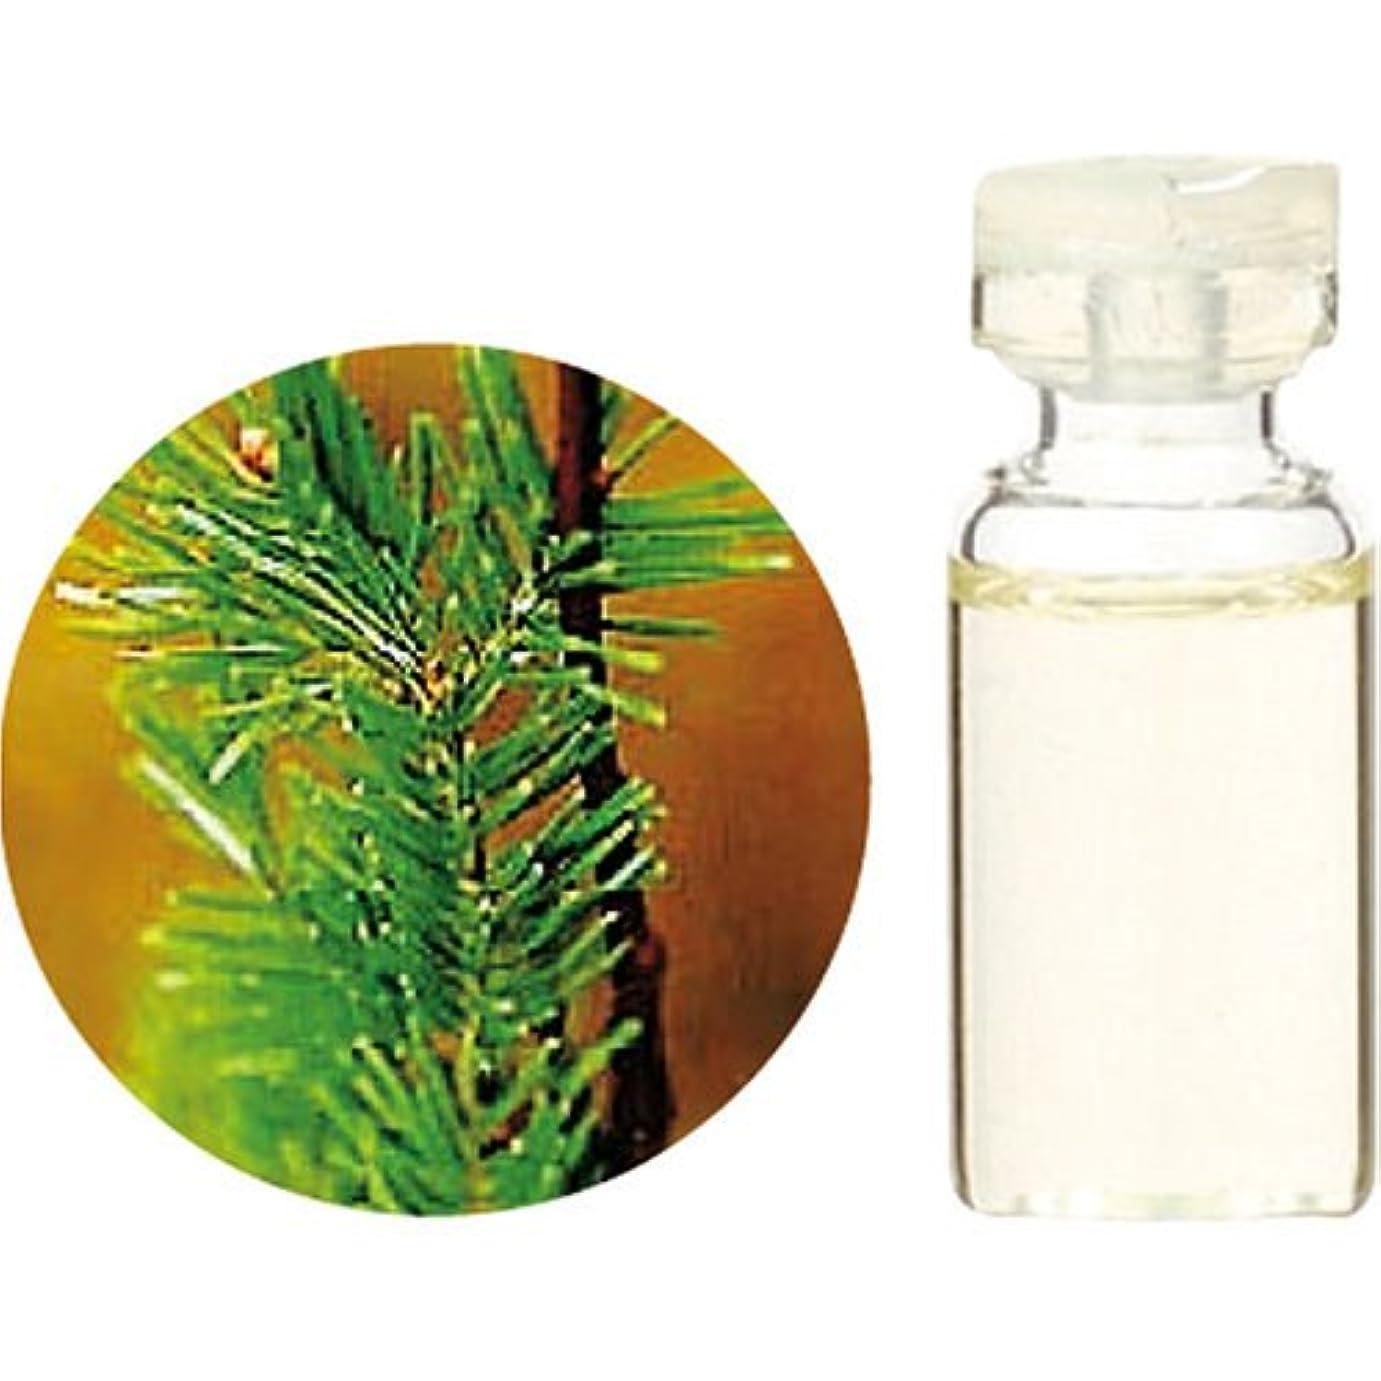 ストローク活性化速度Herbal Life シベリアモミ 10ml